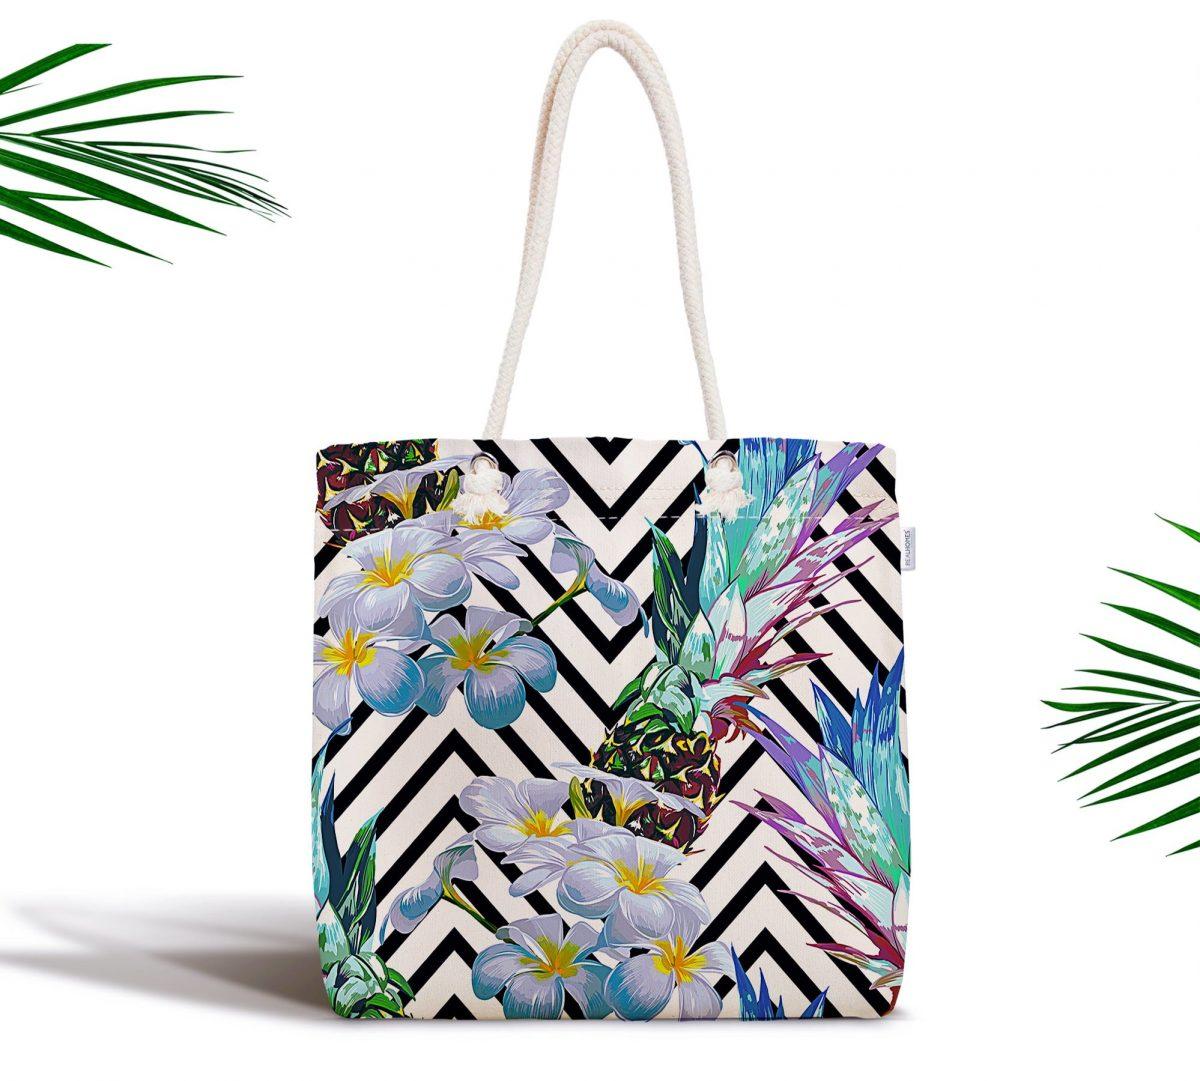 Zigzag Zeminli Yaz Egzotiği Özel Tasarımlı Fermuarlı Kumaş Çanta Realhomes